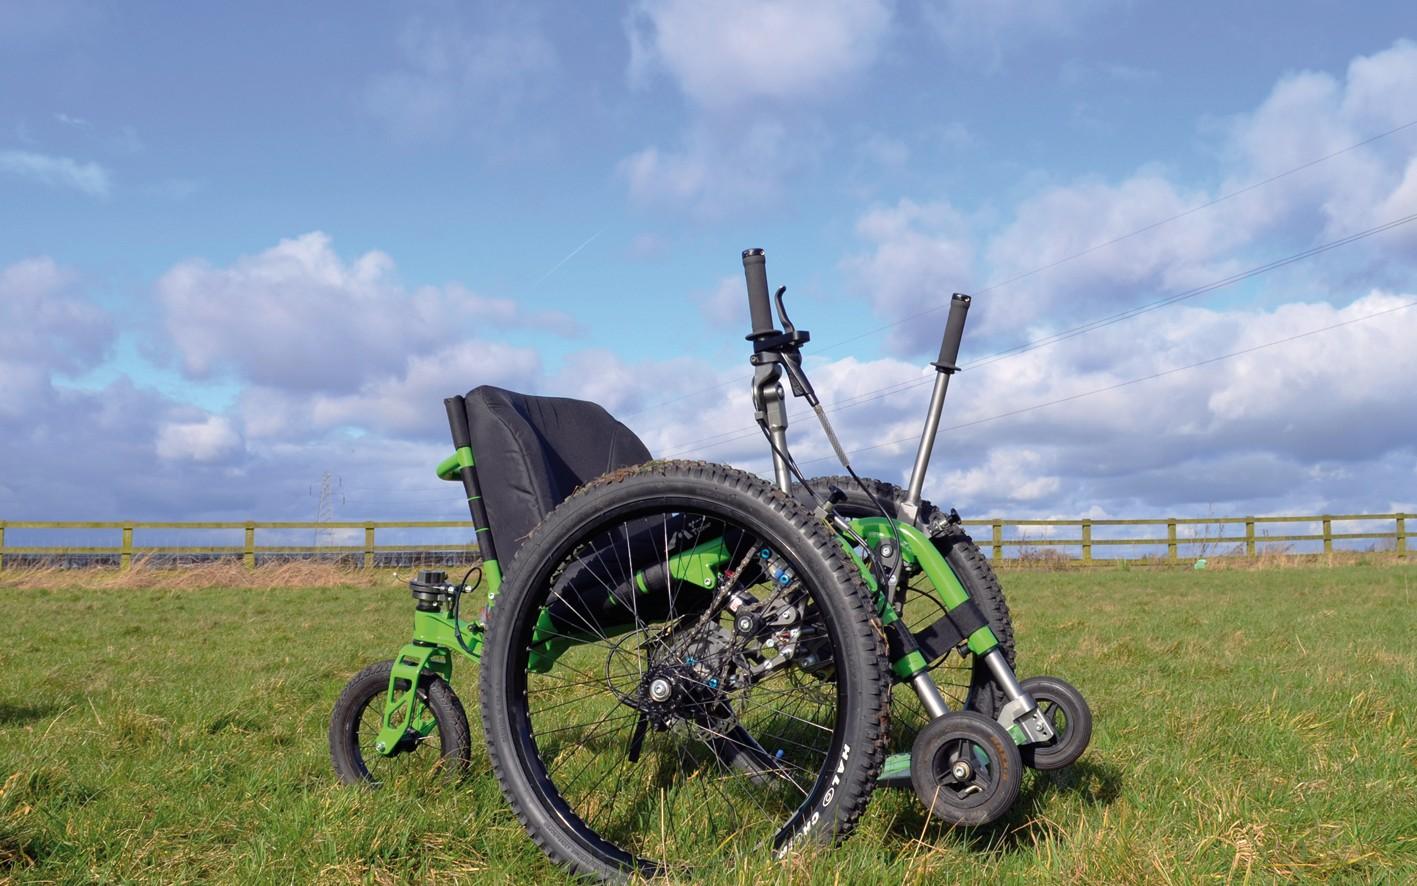 Bild 2: Das Mountain Trike ist wahrscheinlich der einzige mechanische Rollstuhl auf dem Markt, der speziell für den Geländeeinsatz konzipiert und zugleich alltagstauglich ist. (Bild: Stieber)